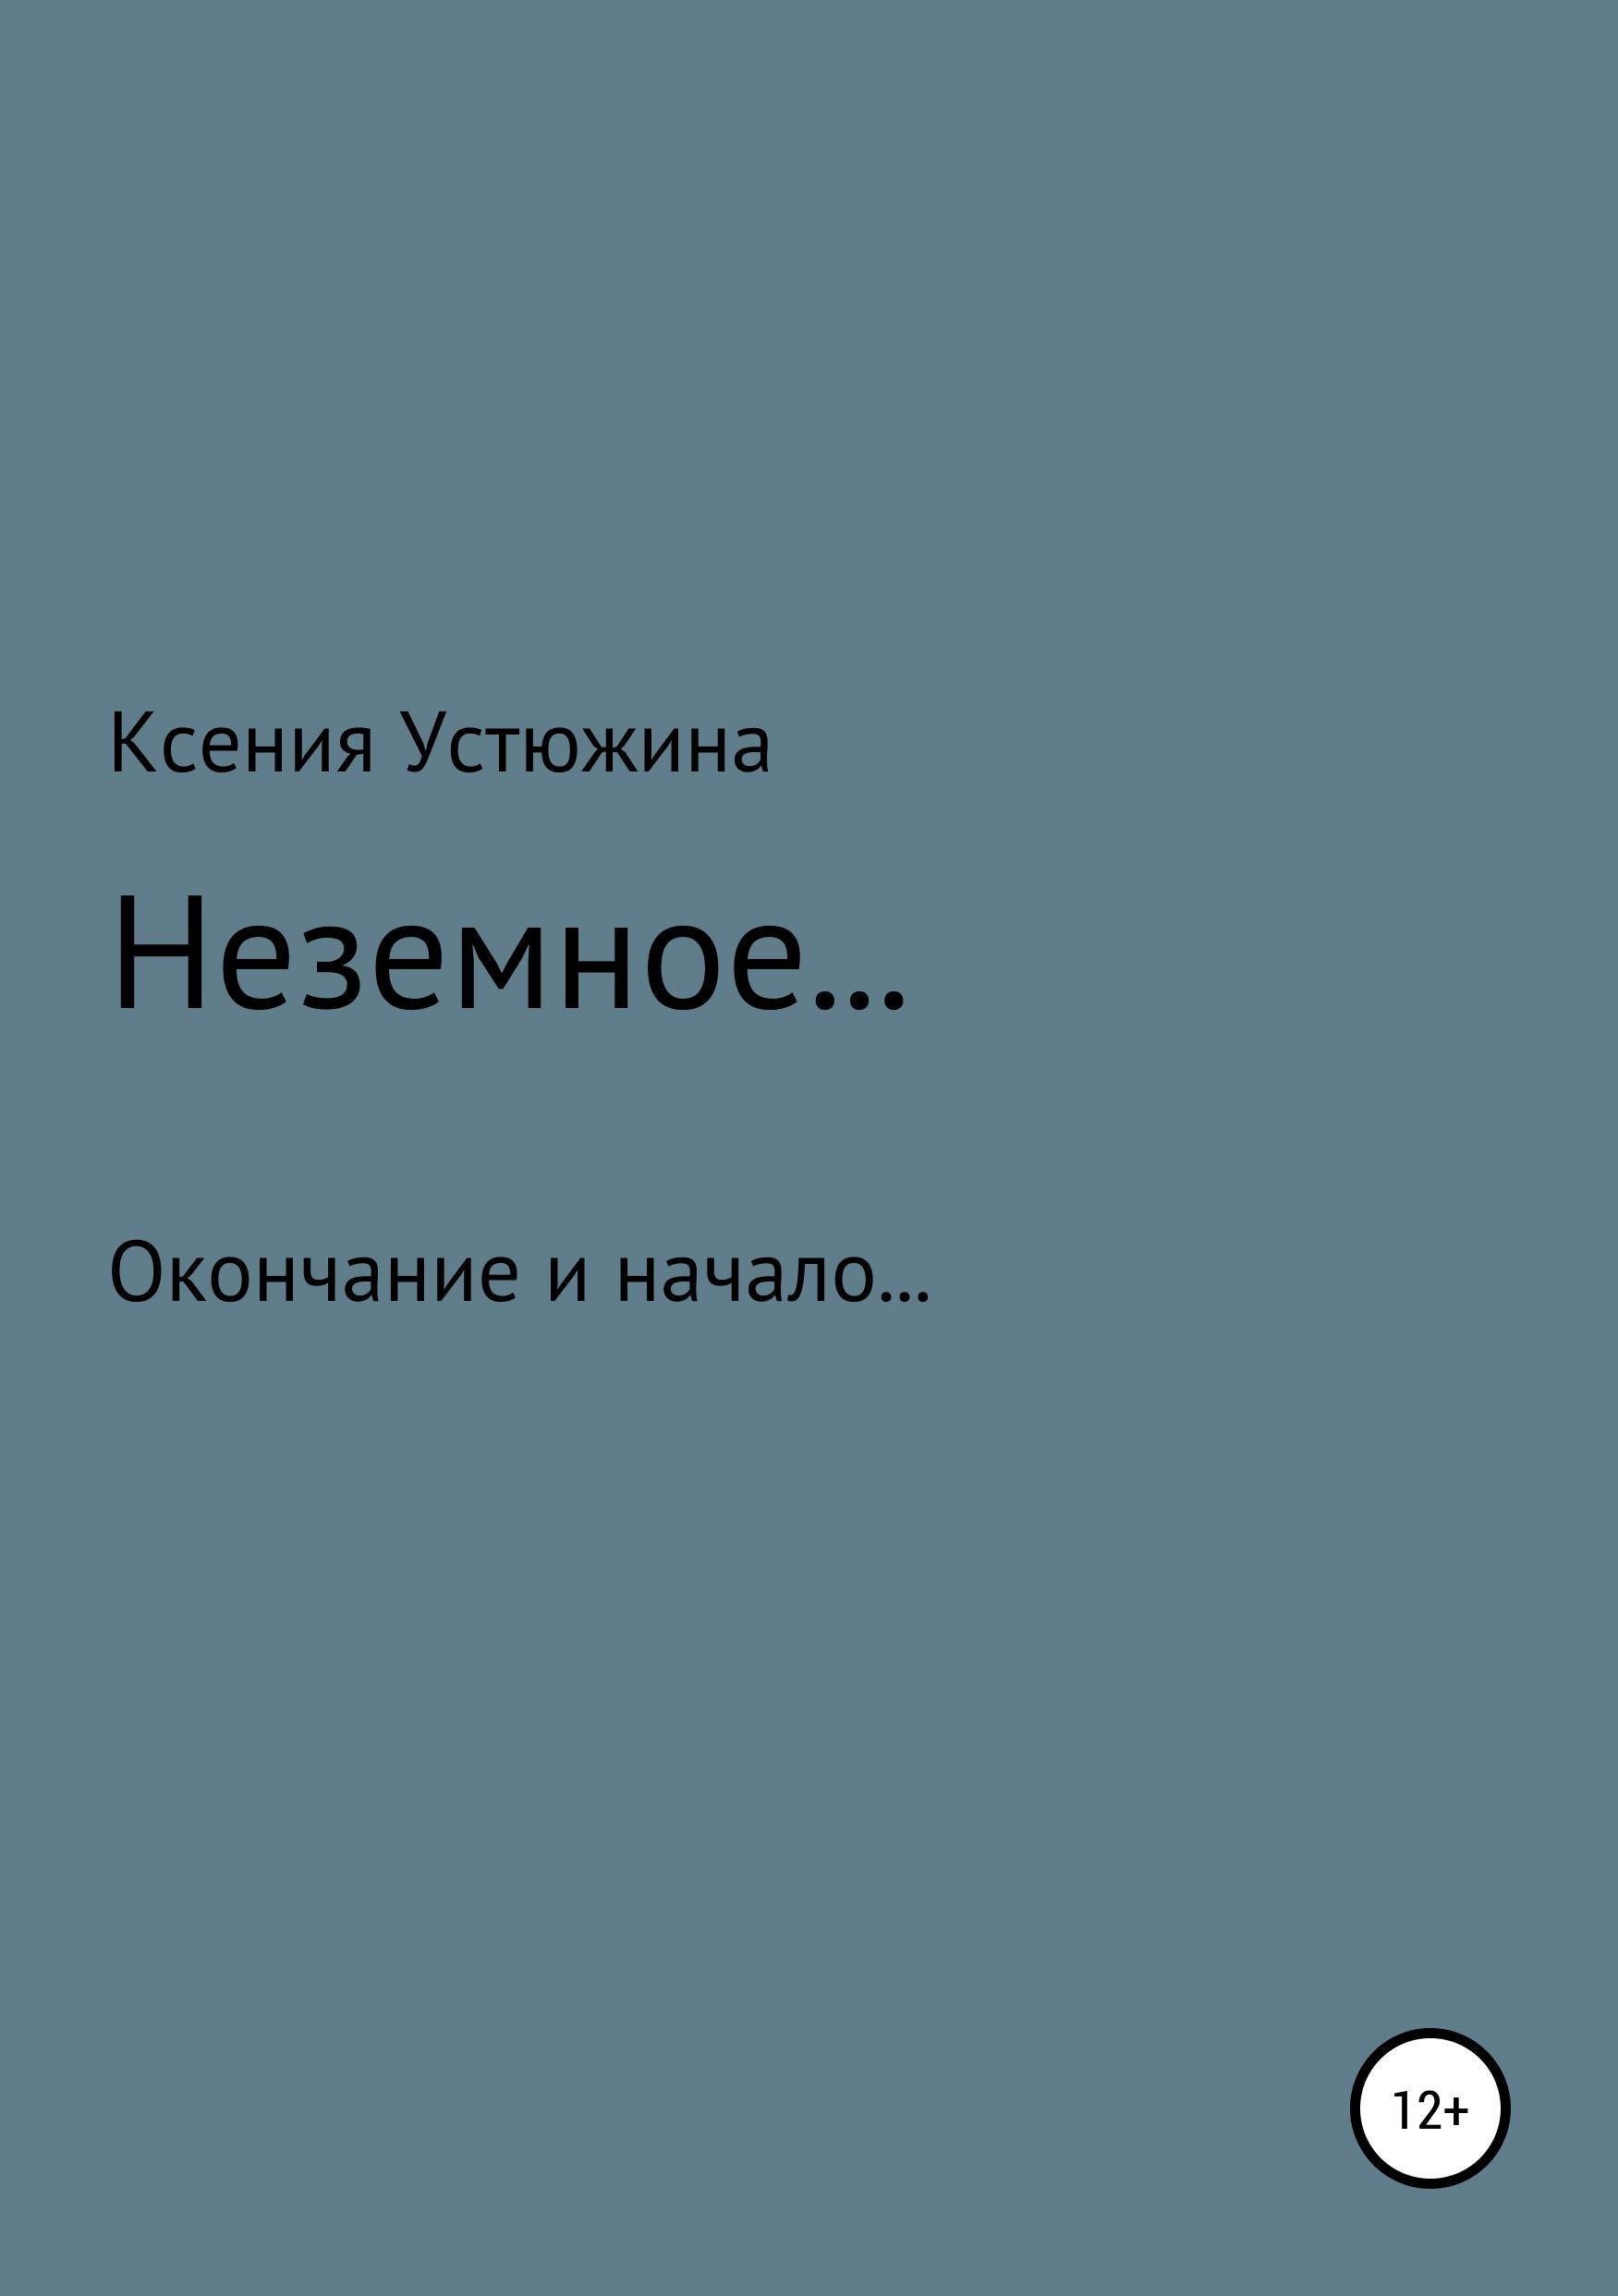 Купить книгу Неземное…, автора Ксении Валерьевны Устюжиной